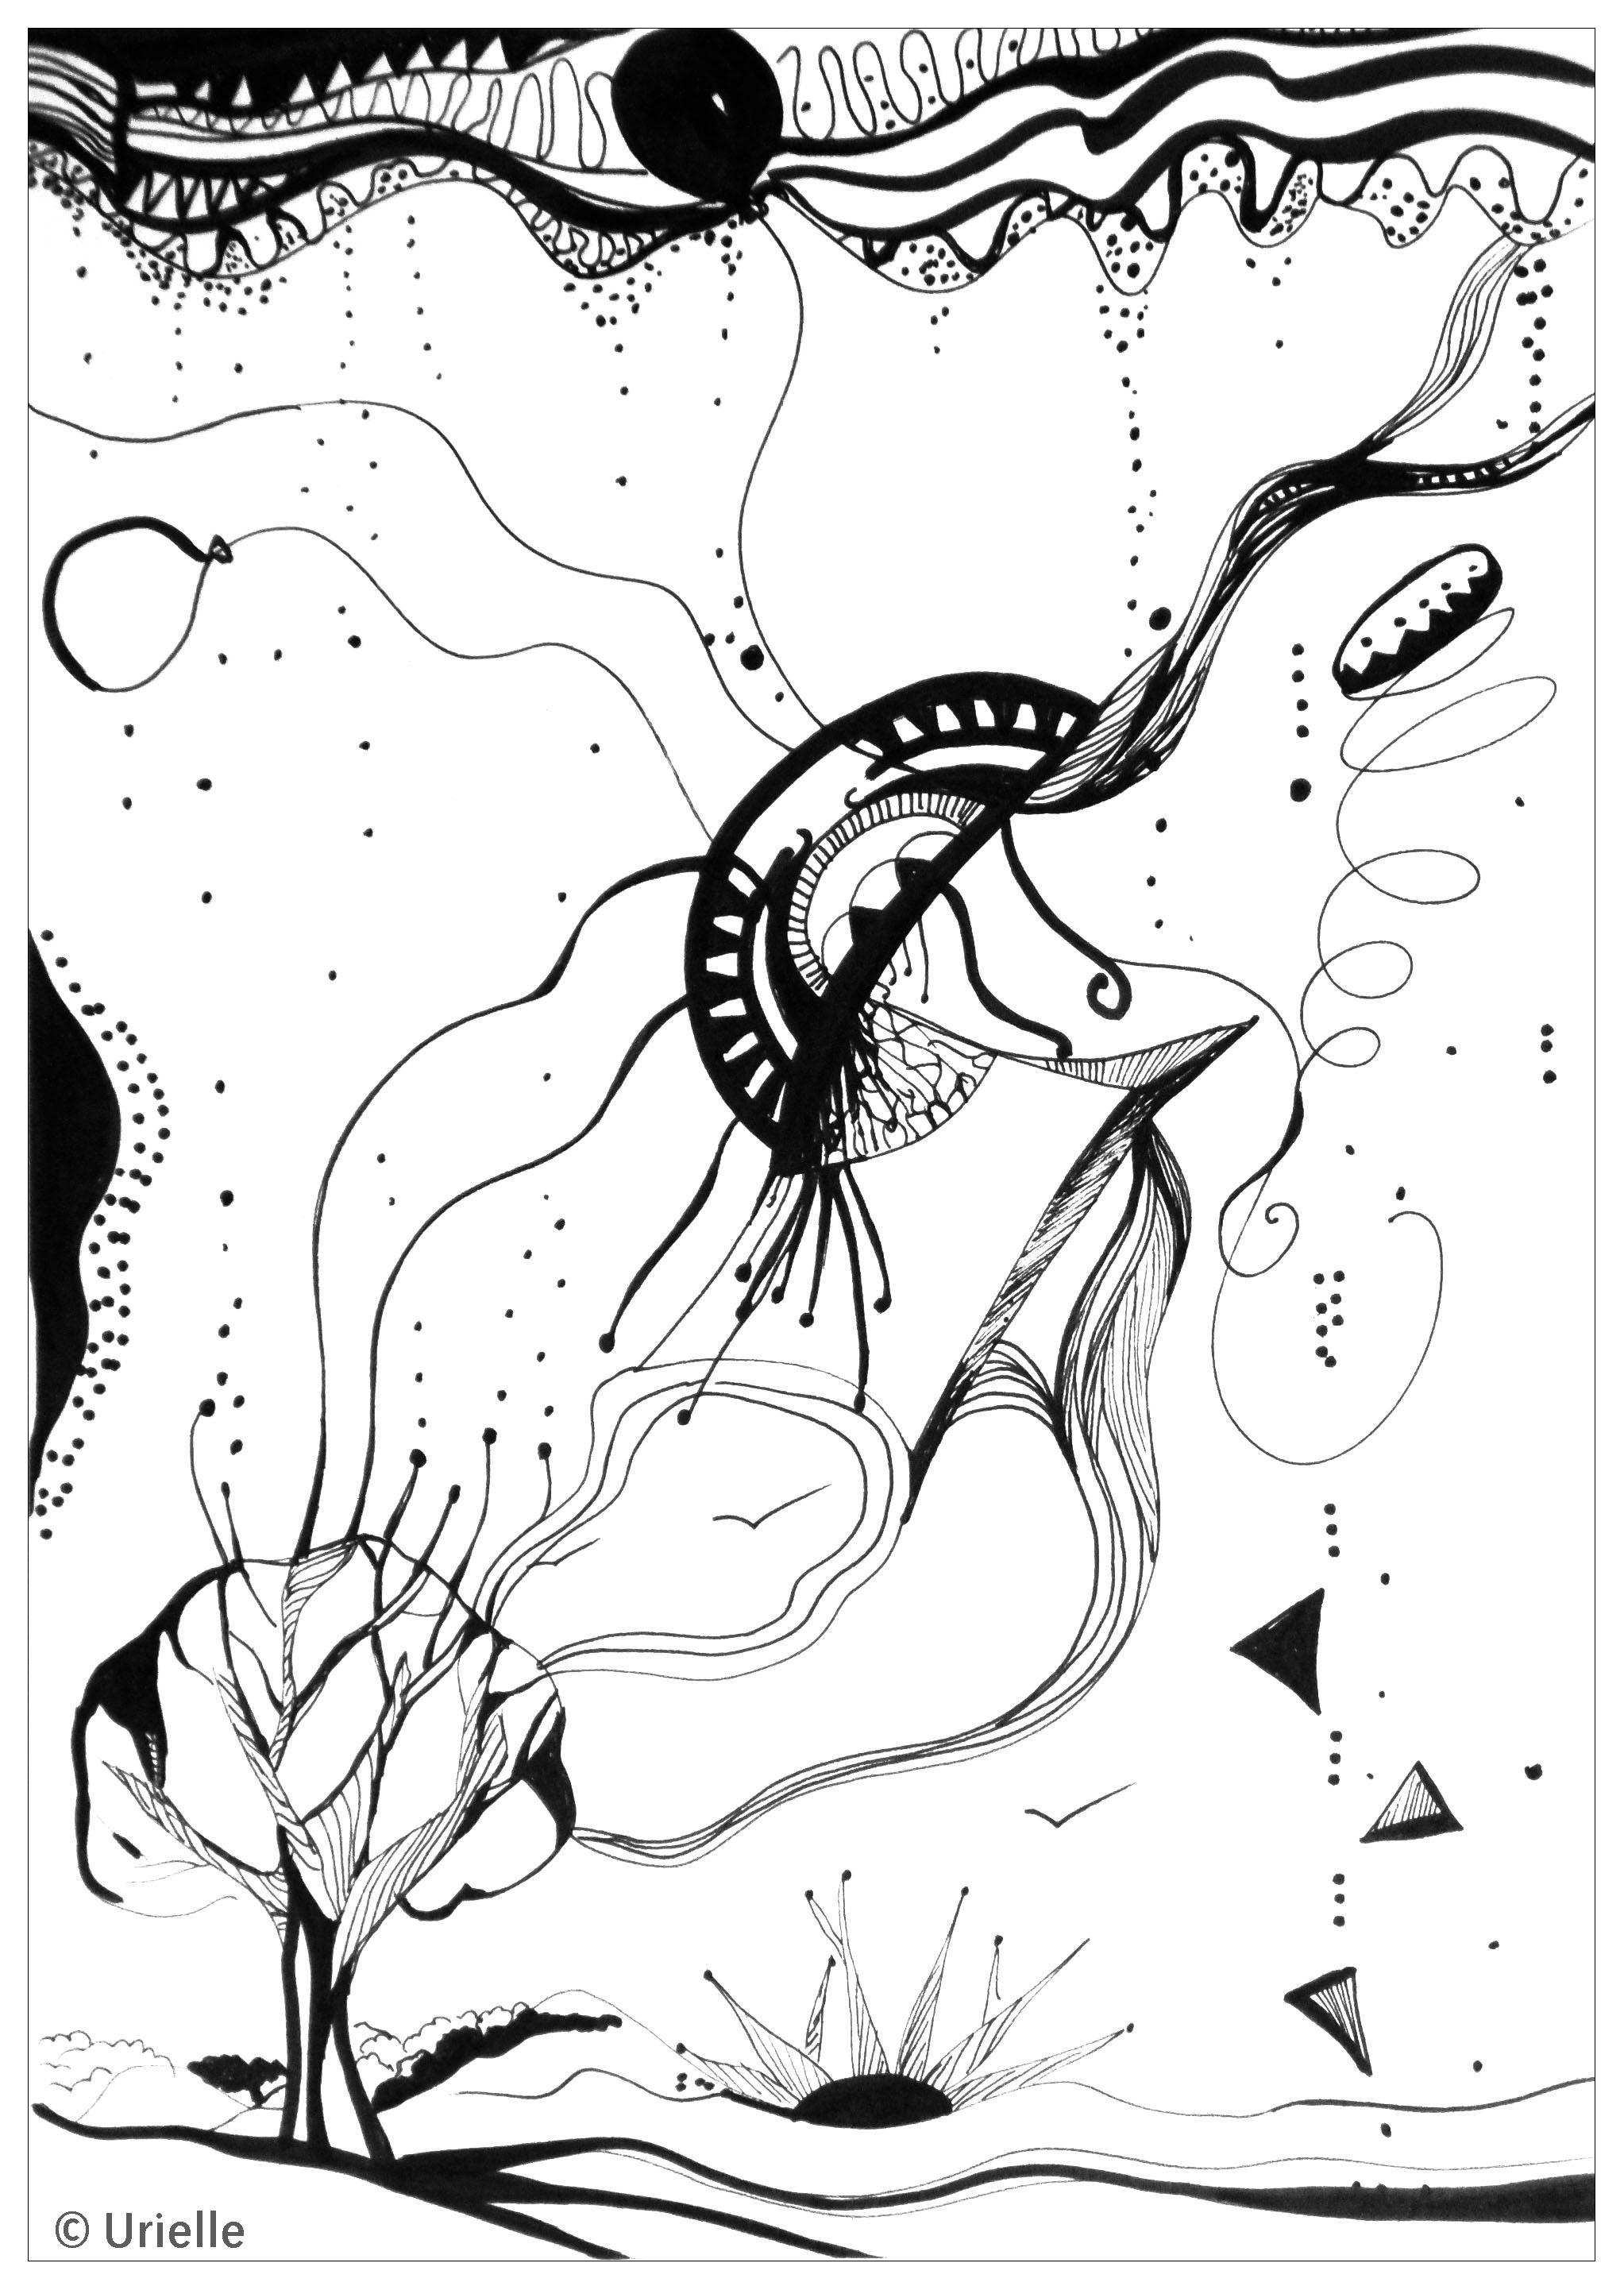 Disegni da colorare per adulti : Anti-stress / Zen - 113